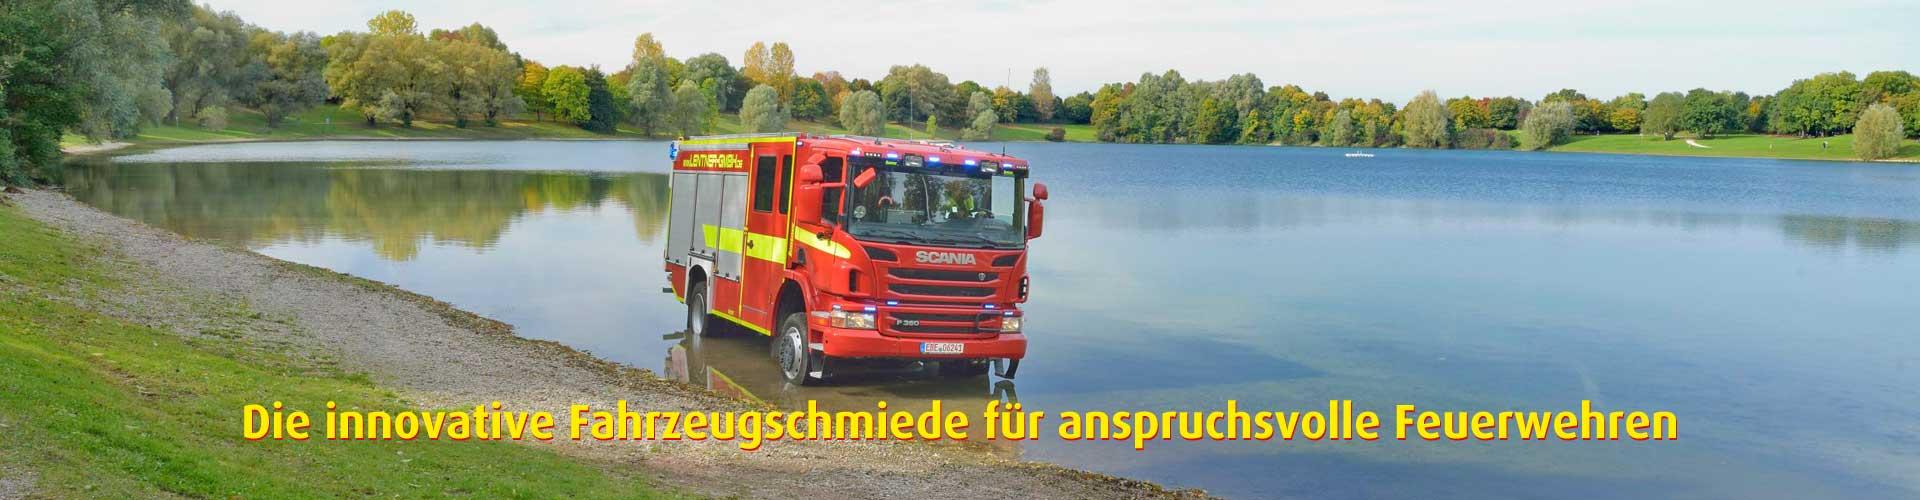 Lentner für anspruchsvolle Feuerwehren